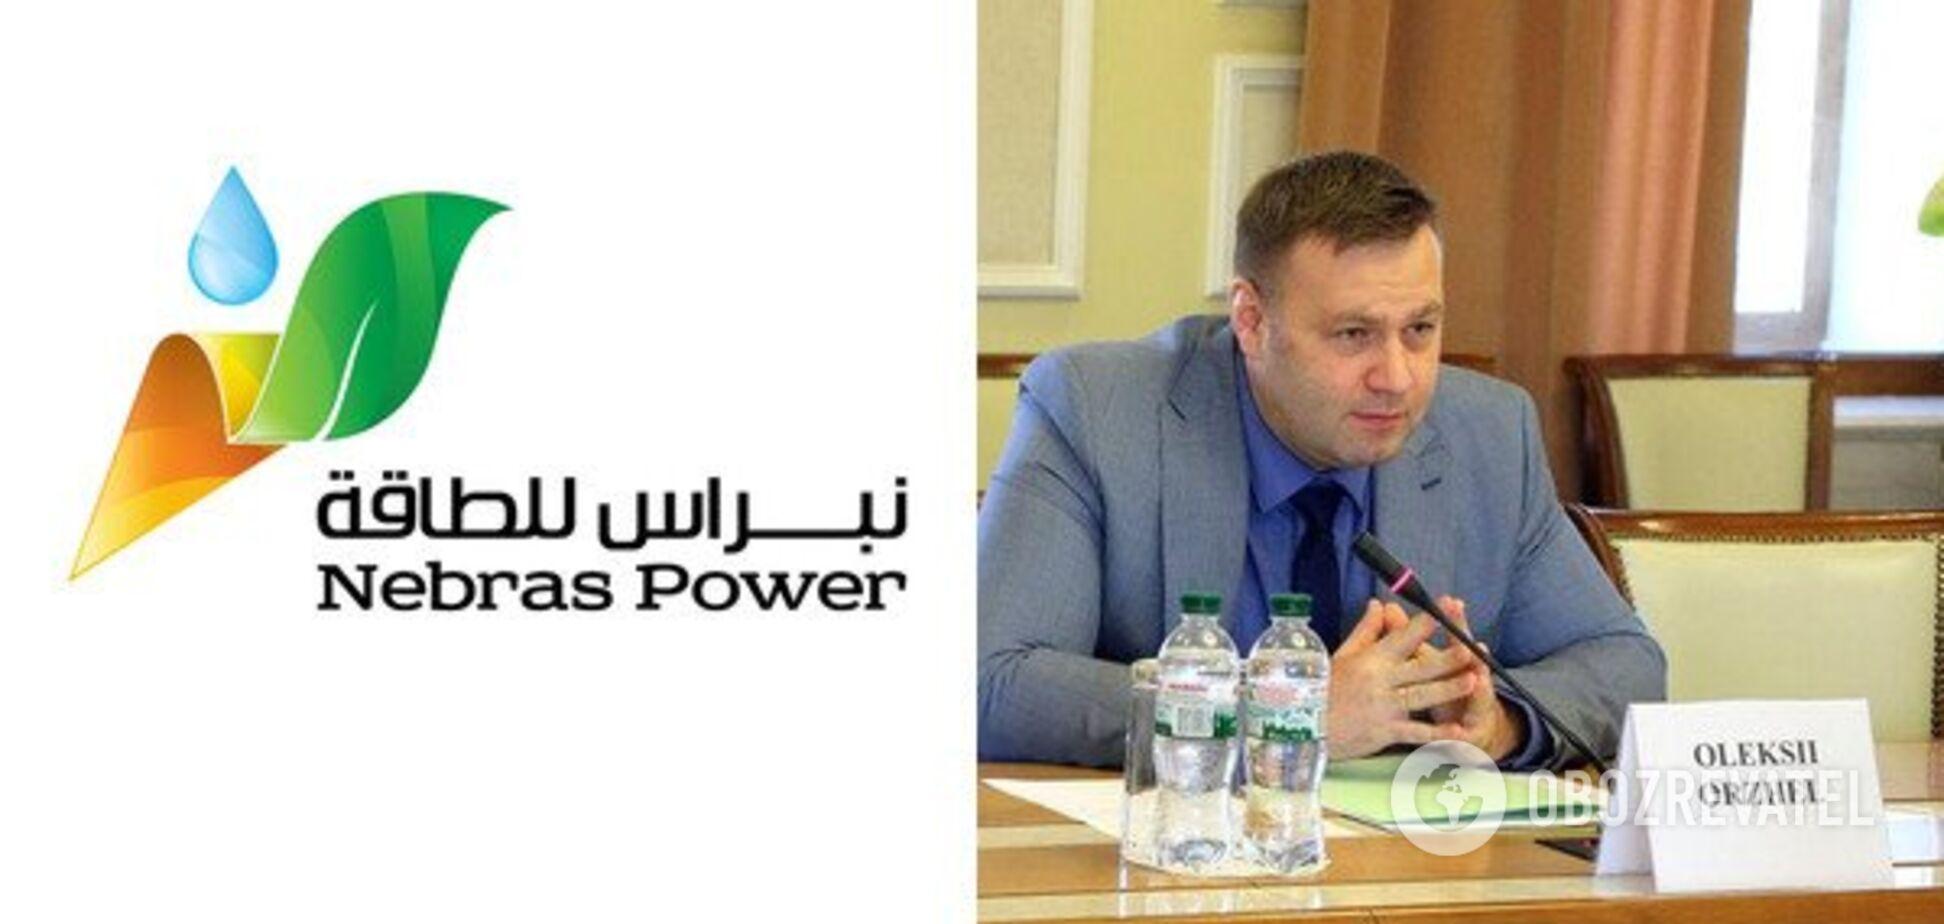 Катар зацікавився розвитком 'зеленої' енергетики України: що відповіли в уряді